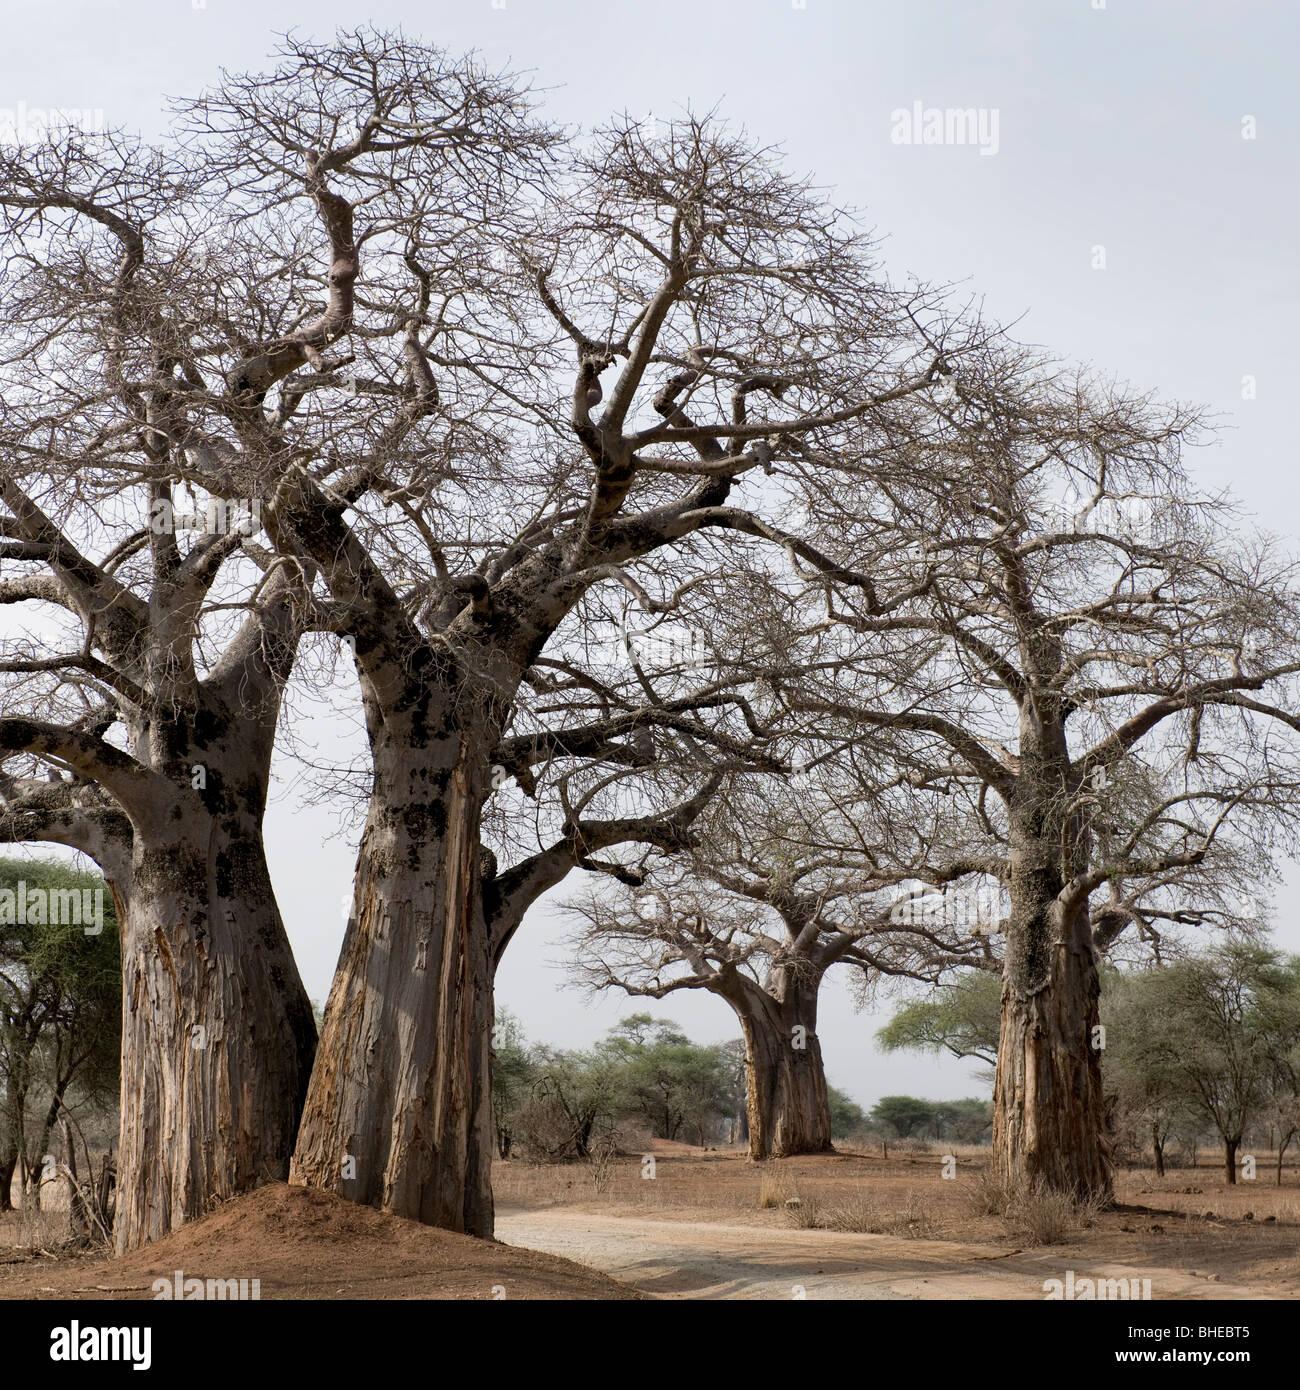 Vue panoramique de grands arbres en Afrique Photo Stock